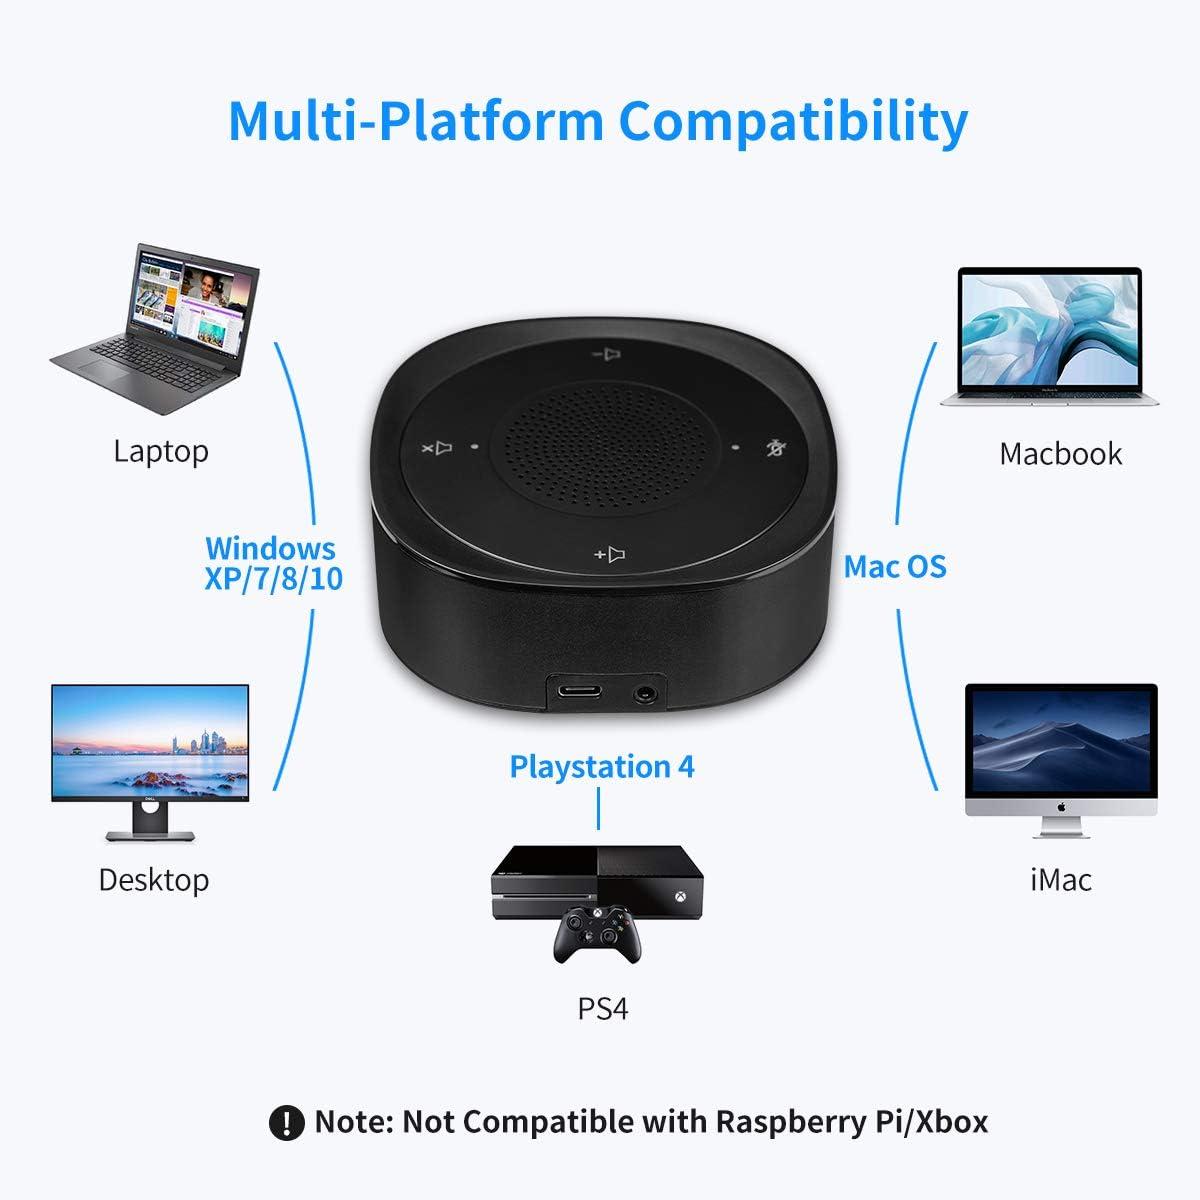 juegos Micr/ófono conferencia USB chat 360 /° Omnidireccional PC de escritorio Computadora Micr/ófonos computadora port/átil con Mute Plug /& Play Compatible con Mac OS X Windows para videoconferencia